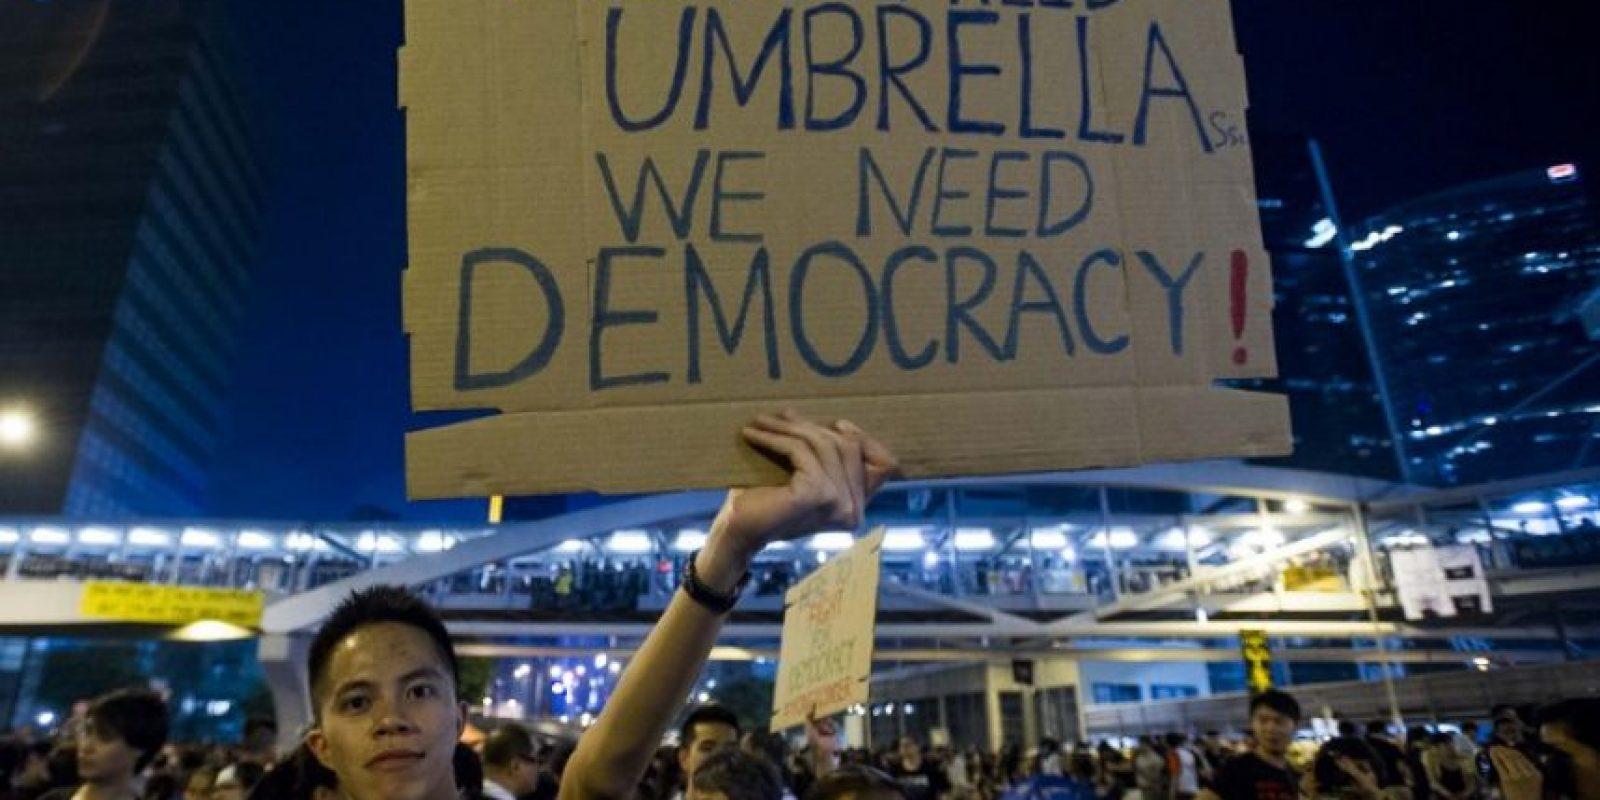 """En el cartel se lee """"No necesitamos sombrillas, necesitamos democracia"""" Foto:AFP"""